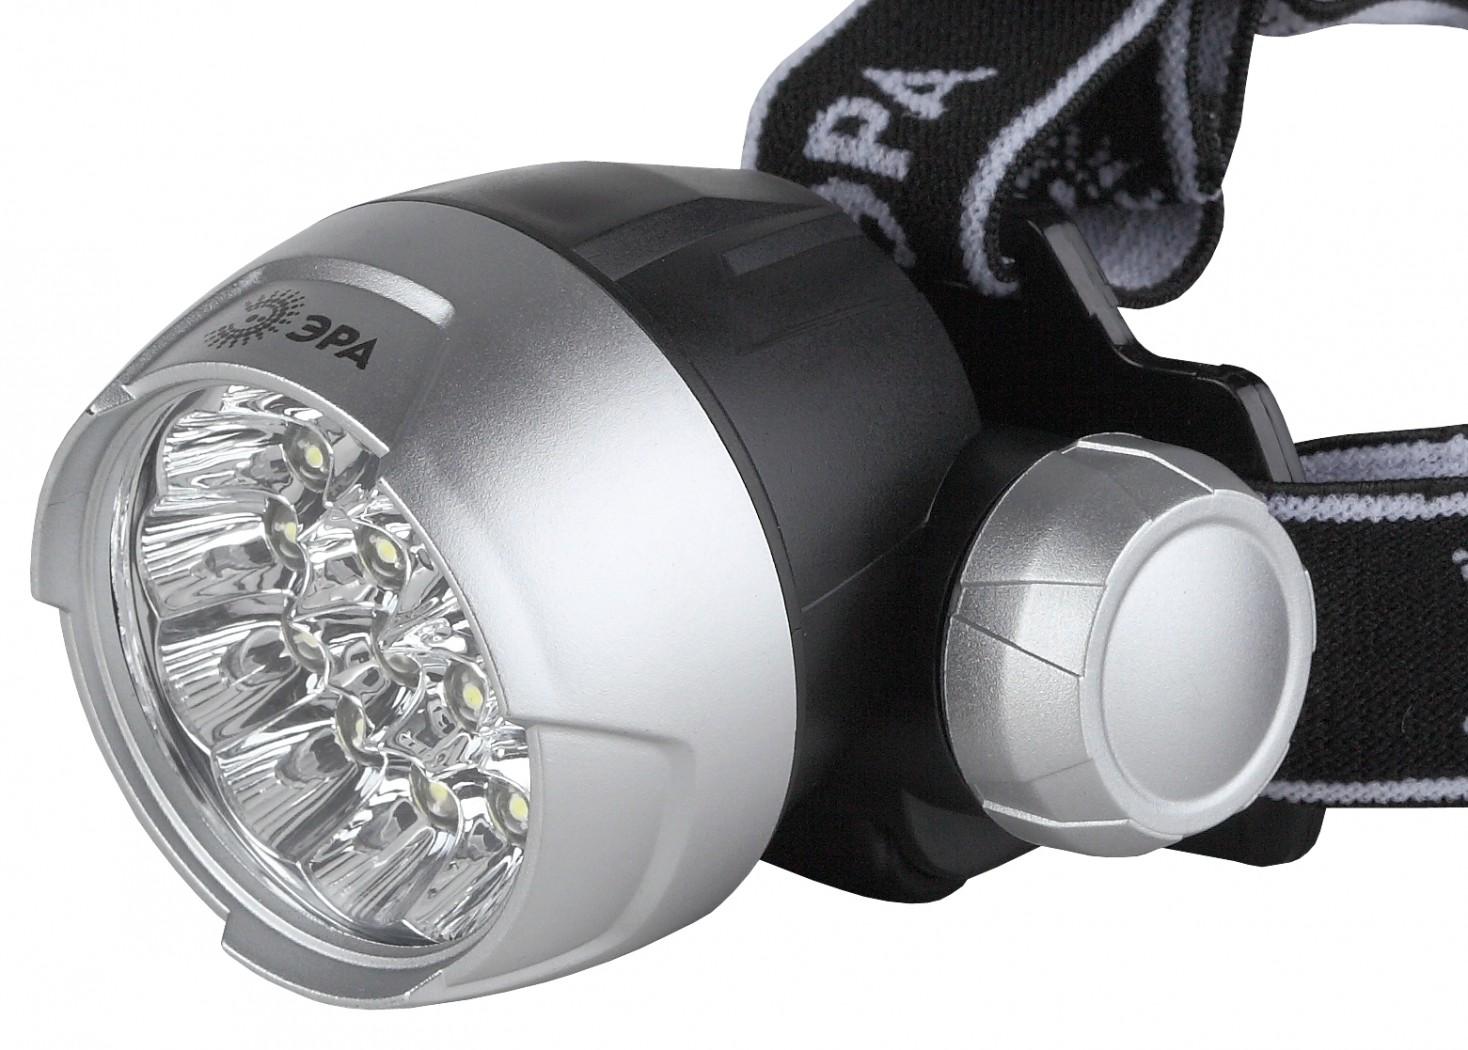 Фонарь ЭРА G17 NEWФонари<br>Фонарик налобный Эра G17 Extra - светодиодный налобный фонарь с 17-тью светодиодами. Применим как в домашних условиях так и при активном отдыхе. Удобен своим способом эксплуатации в ситуациях когда обе руки должны быть свободны. С его помощью можно&amp;nbsp;&amp;nbsp;проводить ремонтные работы, или переносить вещи из помещений со слабым освещением или из вовсе неосвещенных, при этом свет будет удобно направлен в сторону поворота головы. Такой фонарь послужит хорошей перестраховкой в дни когда перегорят домашние осветительные приборы.<br><br>Элементы питания в комплект...<br>